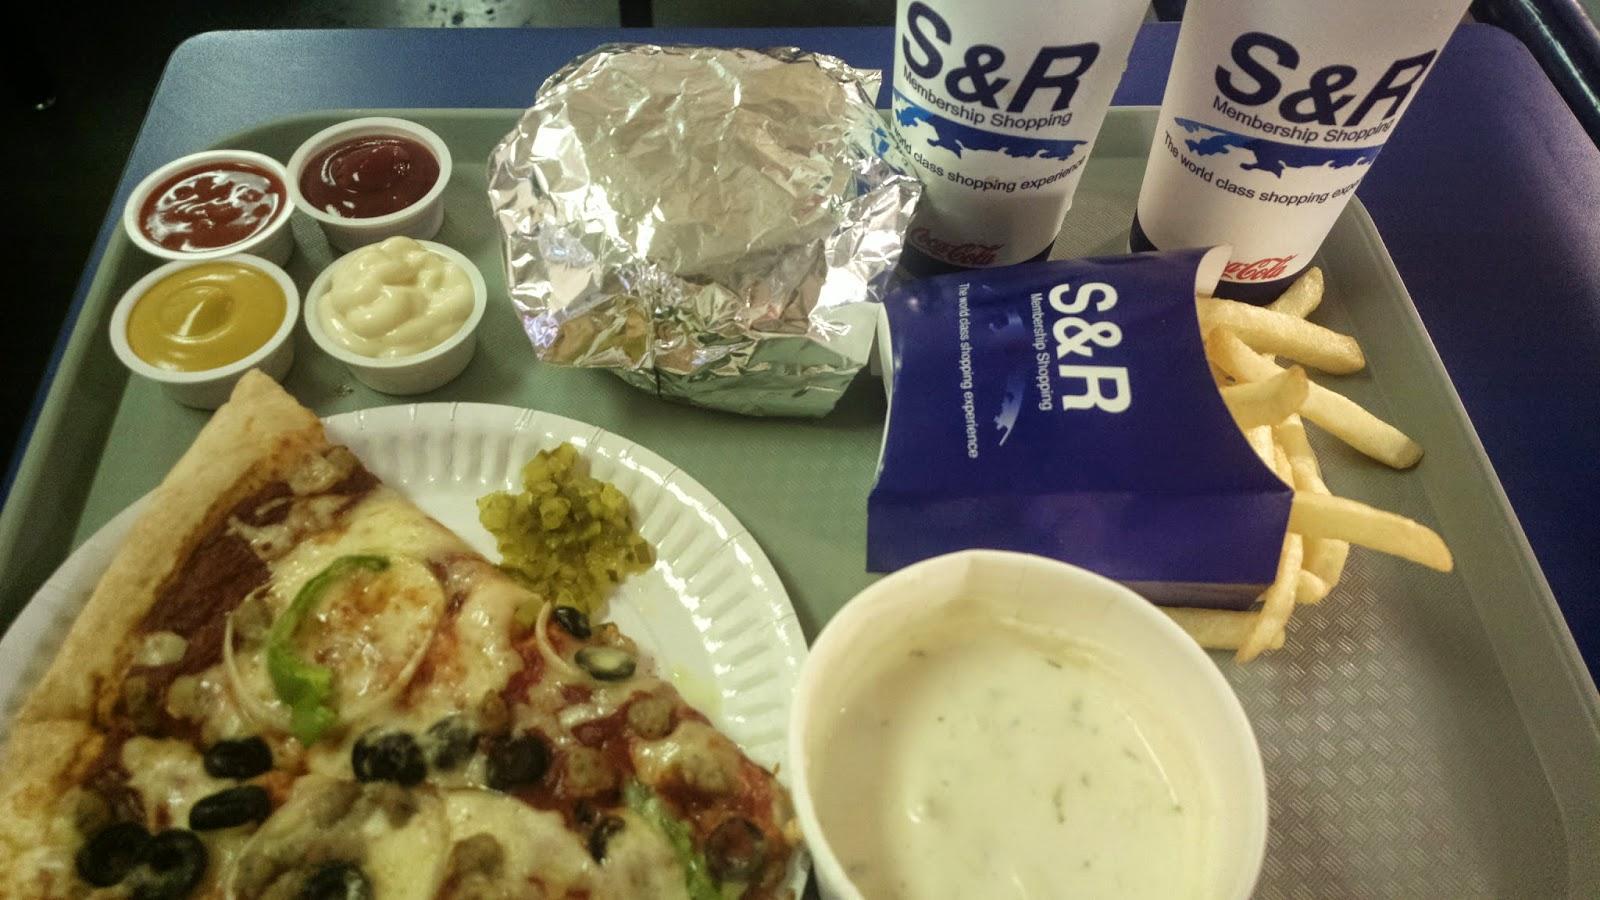 S&R Food